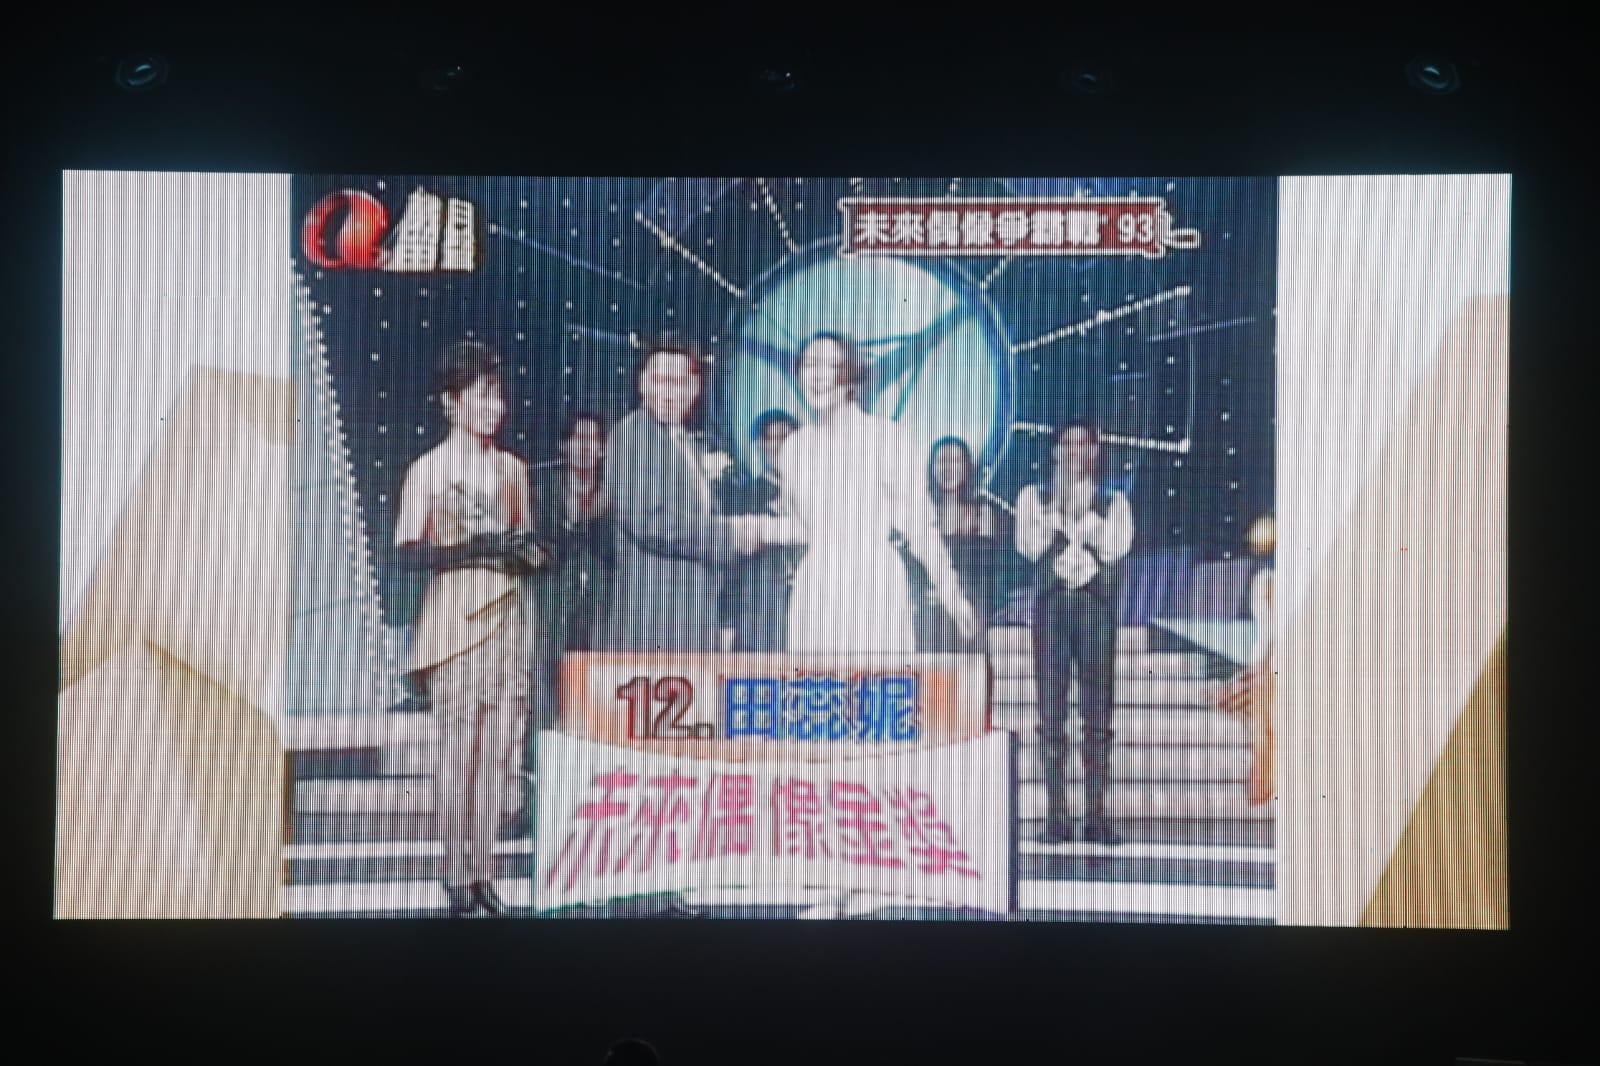 田蕊妮當年參加歌唱比賽畫面。